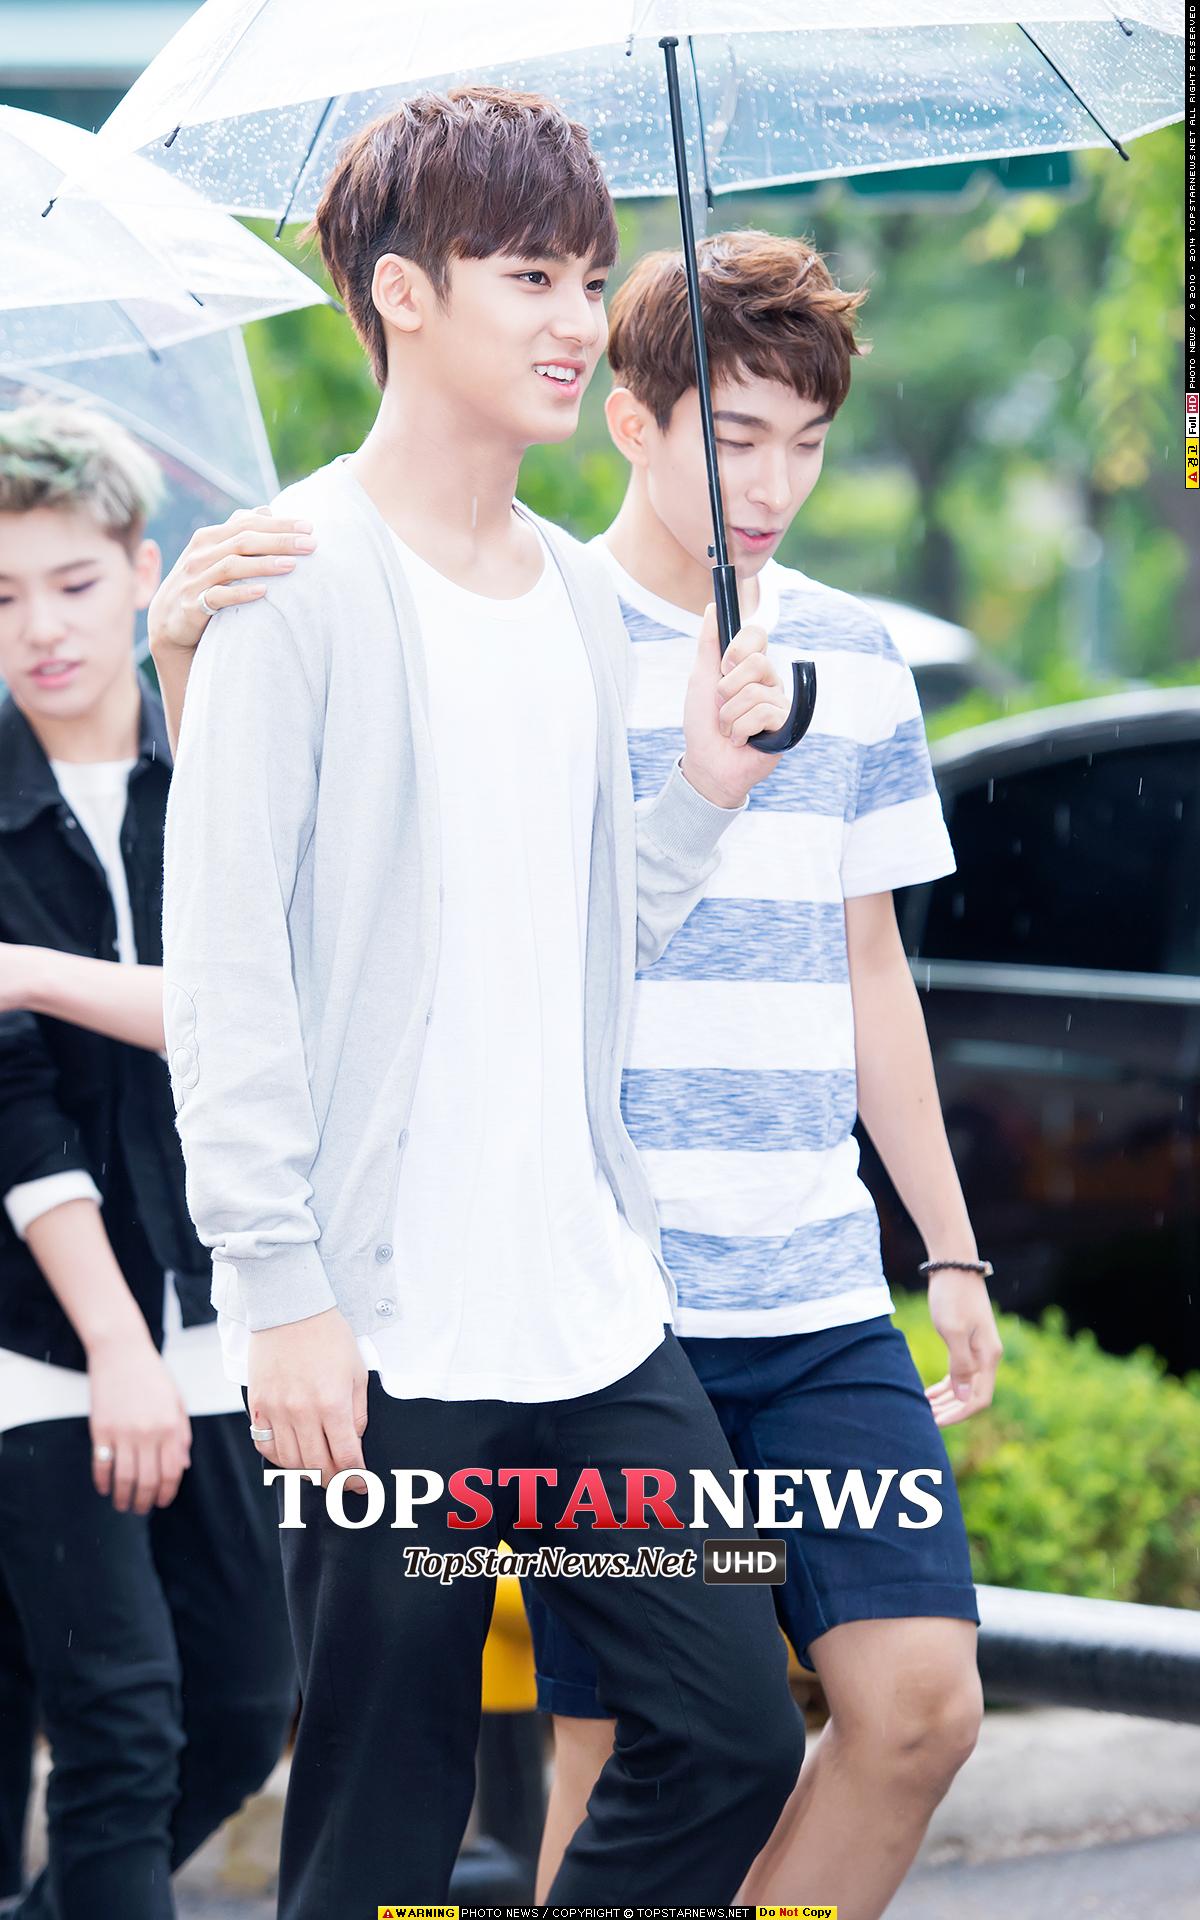 9.Seventeen 珉奎 珉奎也讓小編意外了!!因為韓國媒體也曾經說過珉奎是讓姐姐飯激起保護本能的萌男孩的說XD